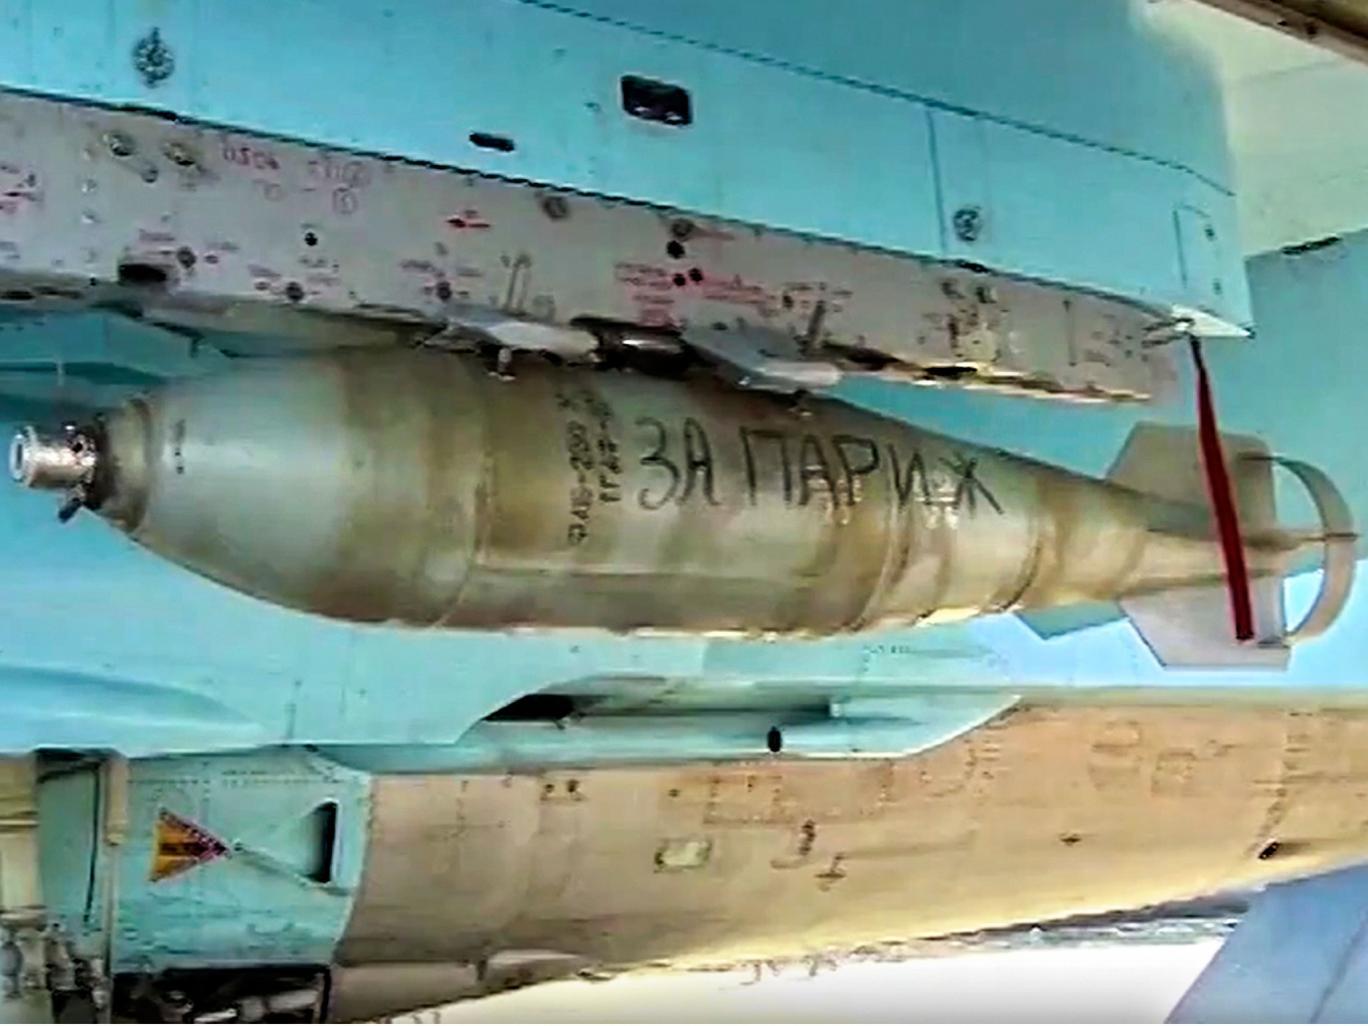 Máy bay Nga mang thông điệp 'Vì Paris' đi dội bom IS 1